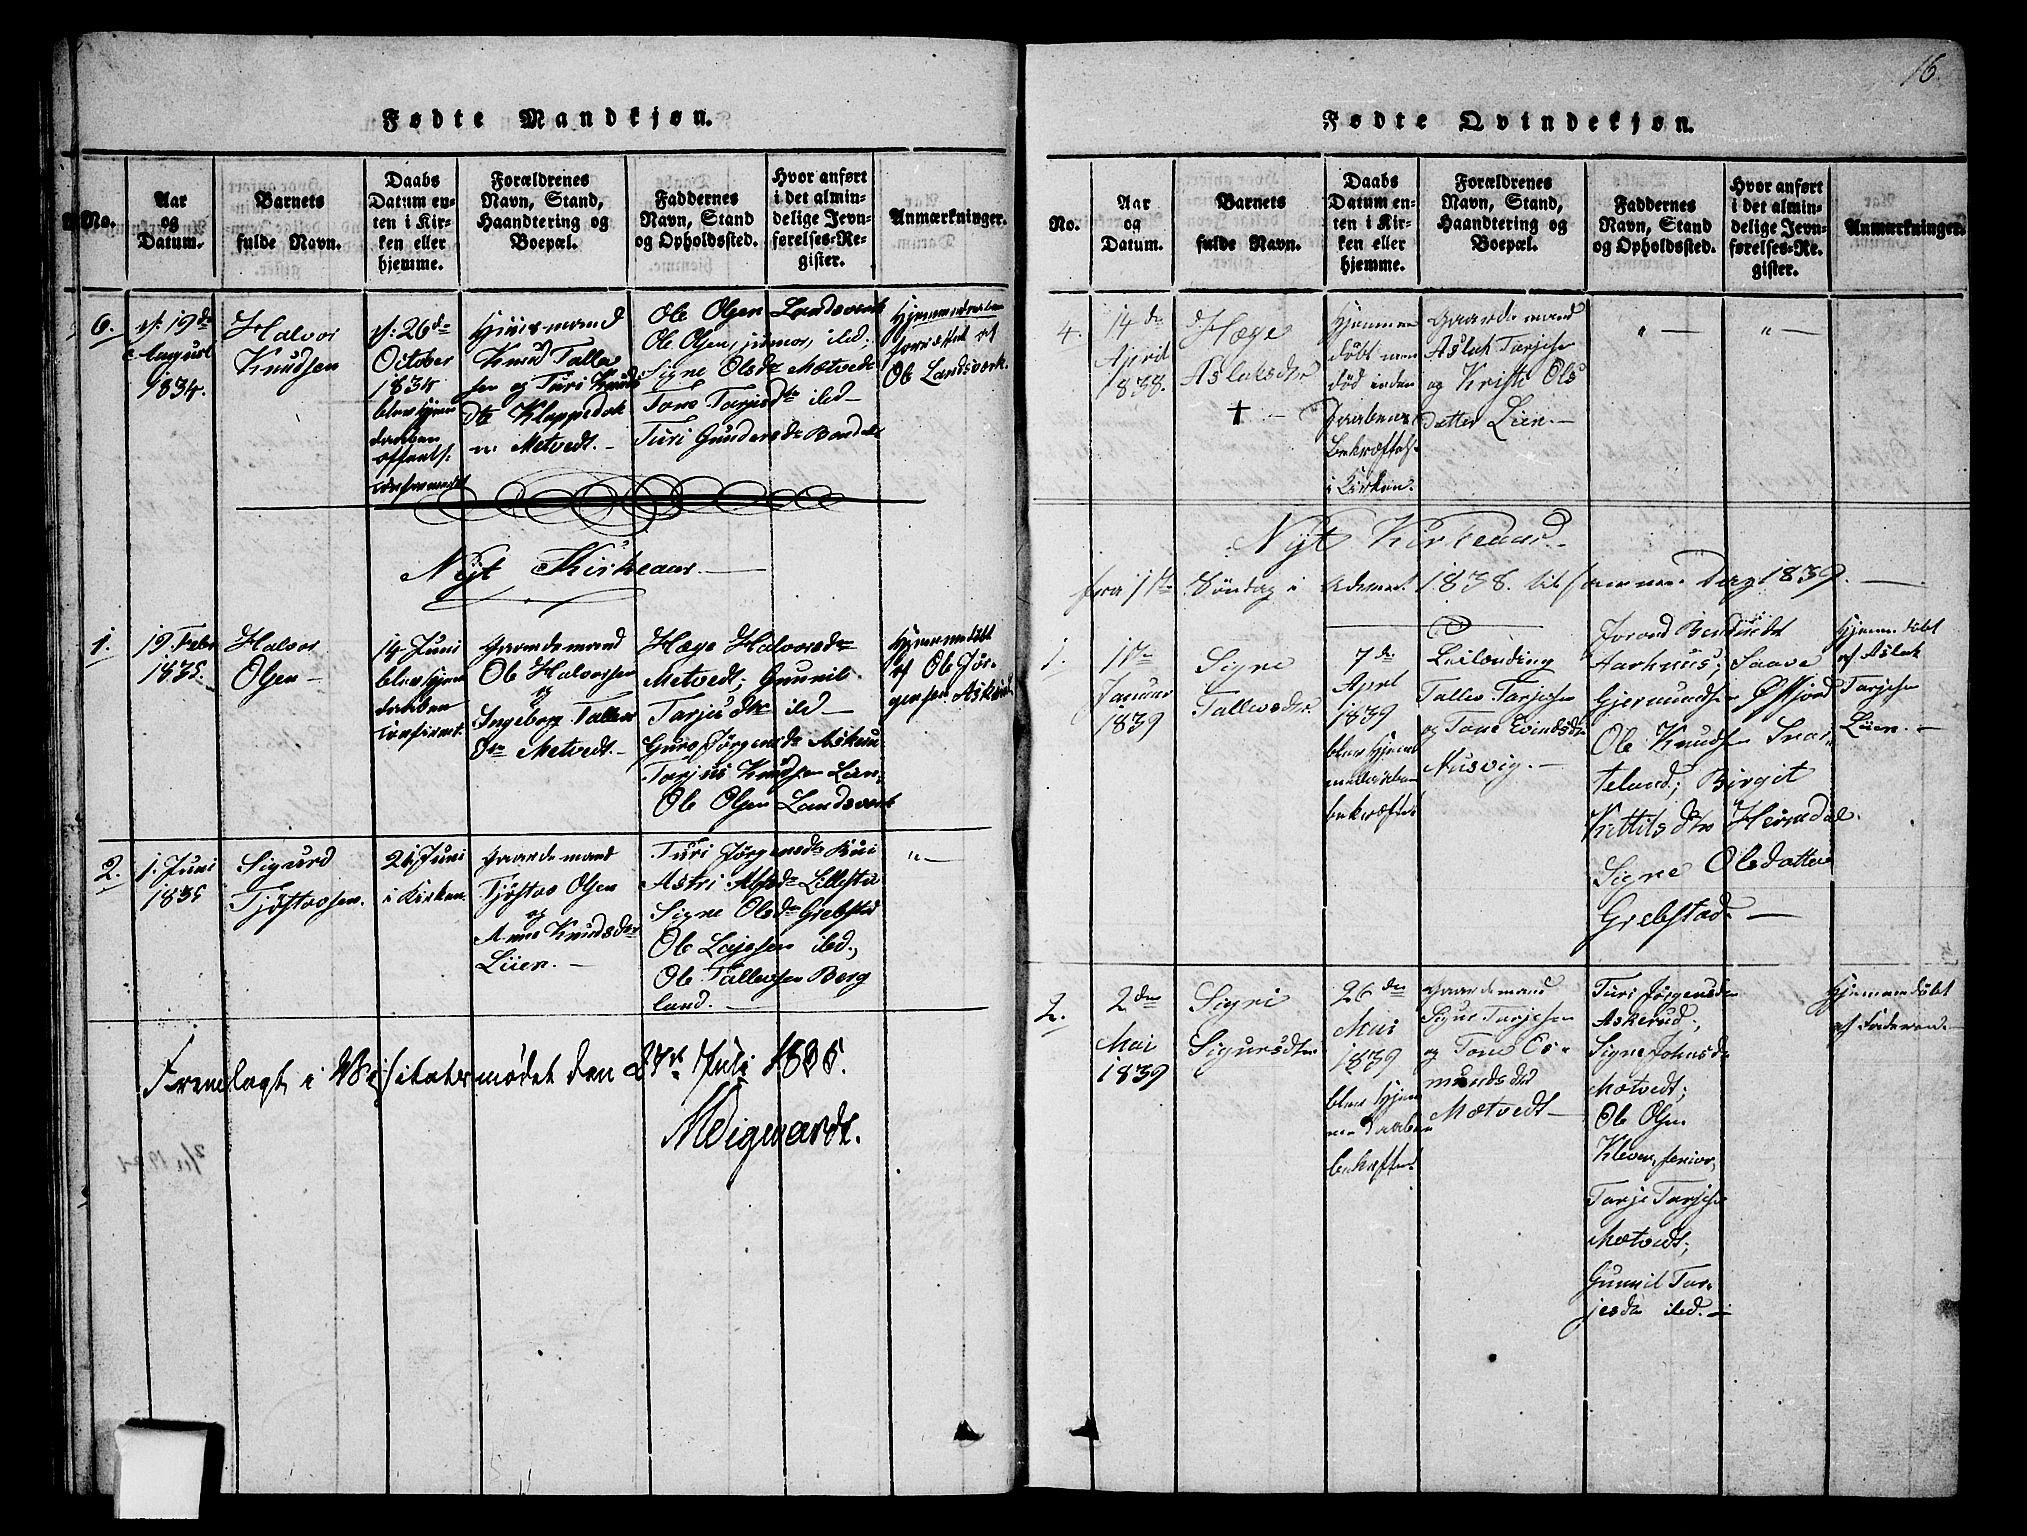 SAKO, Fyresdal kirkebøker, G/Ga/L0002: Klokkerbok nr. I 2, 1815-1857, s. 16